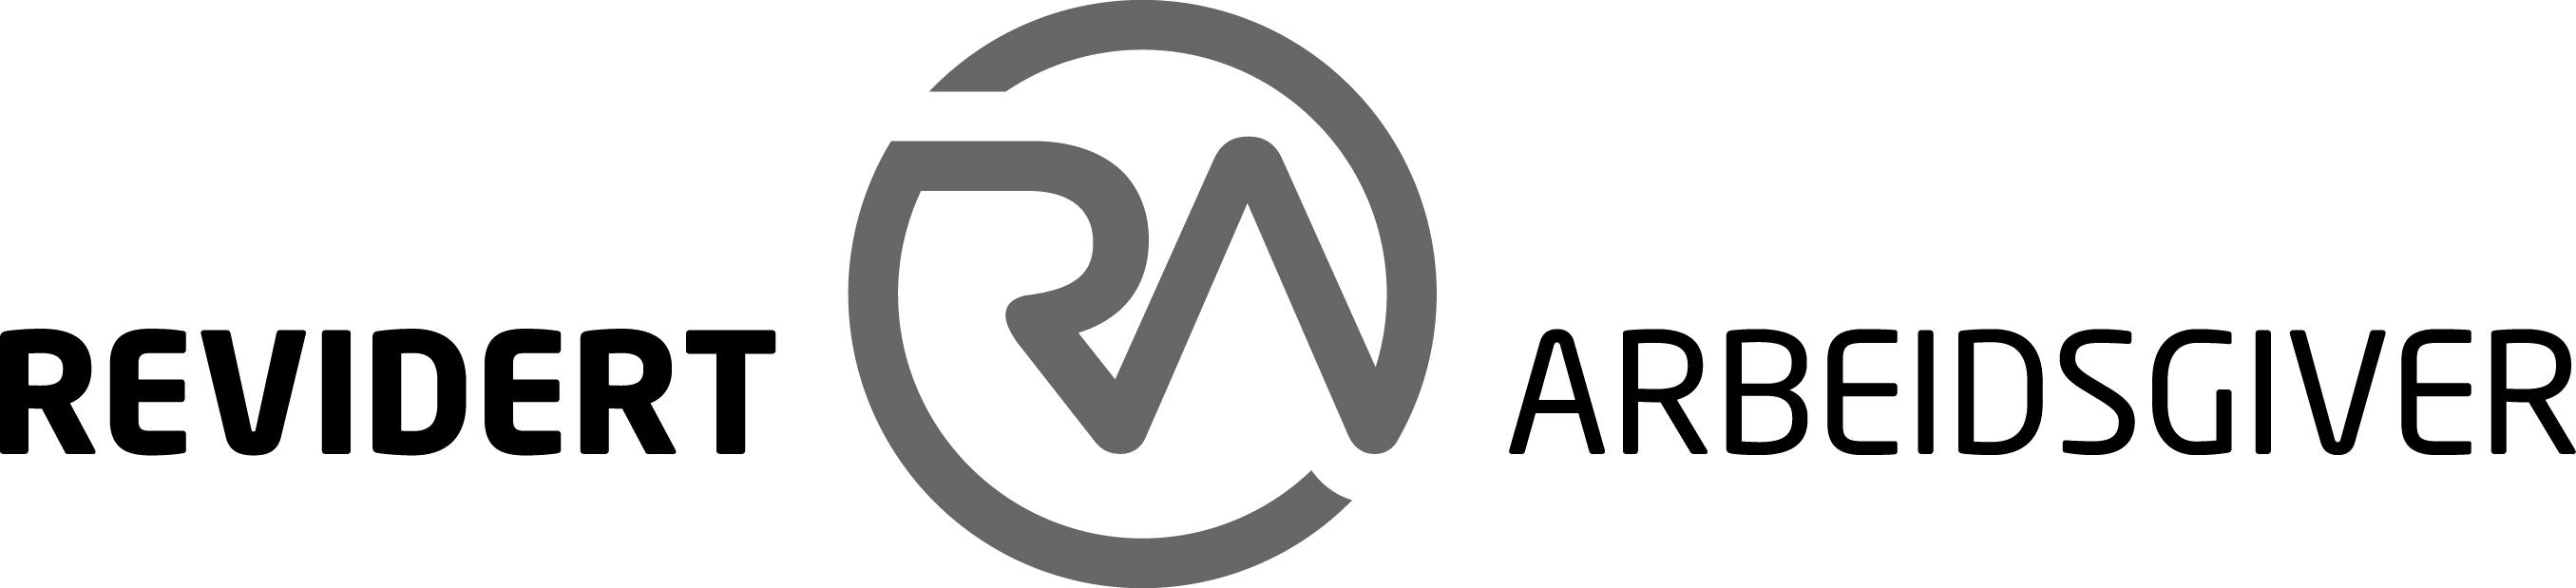 Helseleverandøren_Revidert logo_grafikk